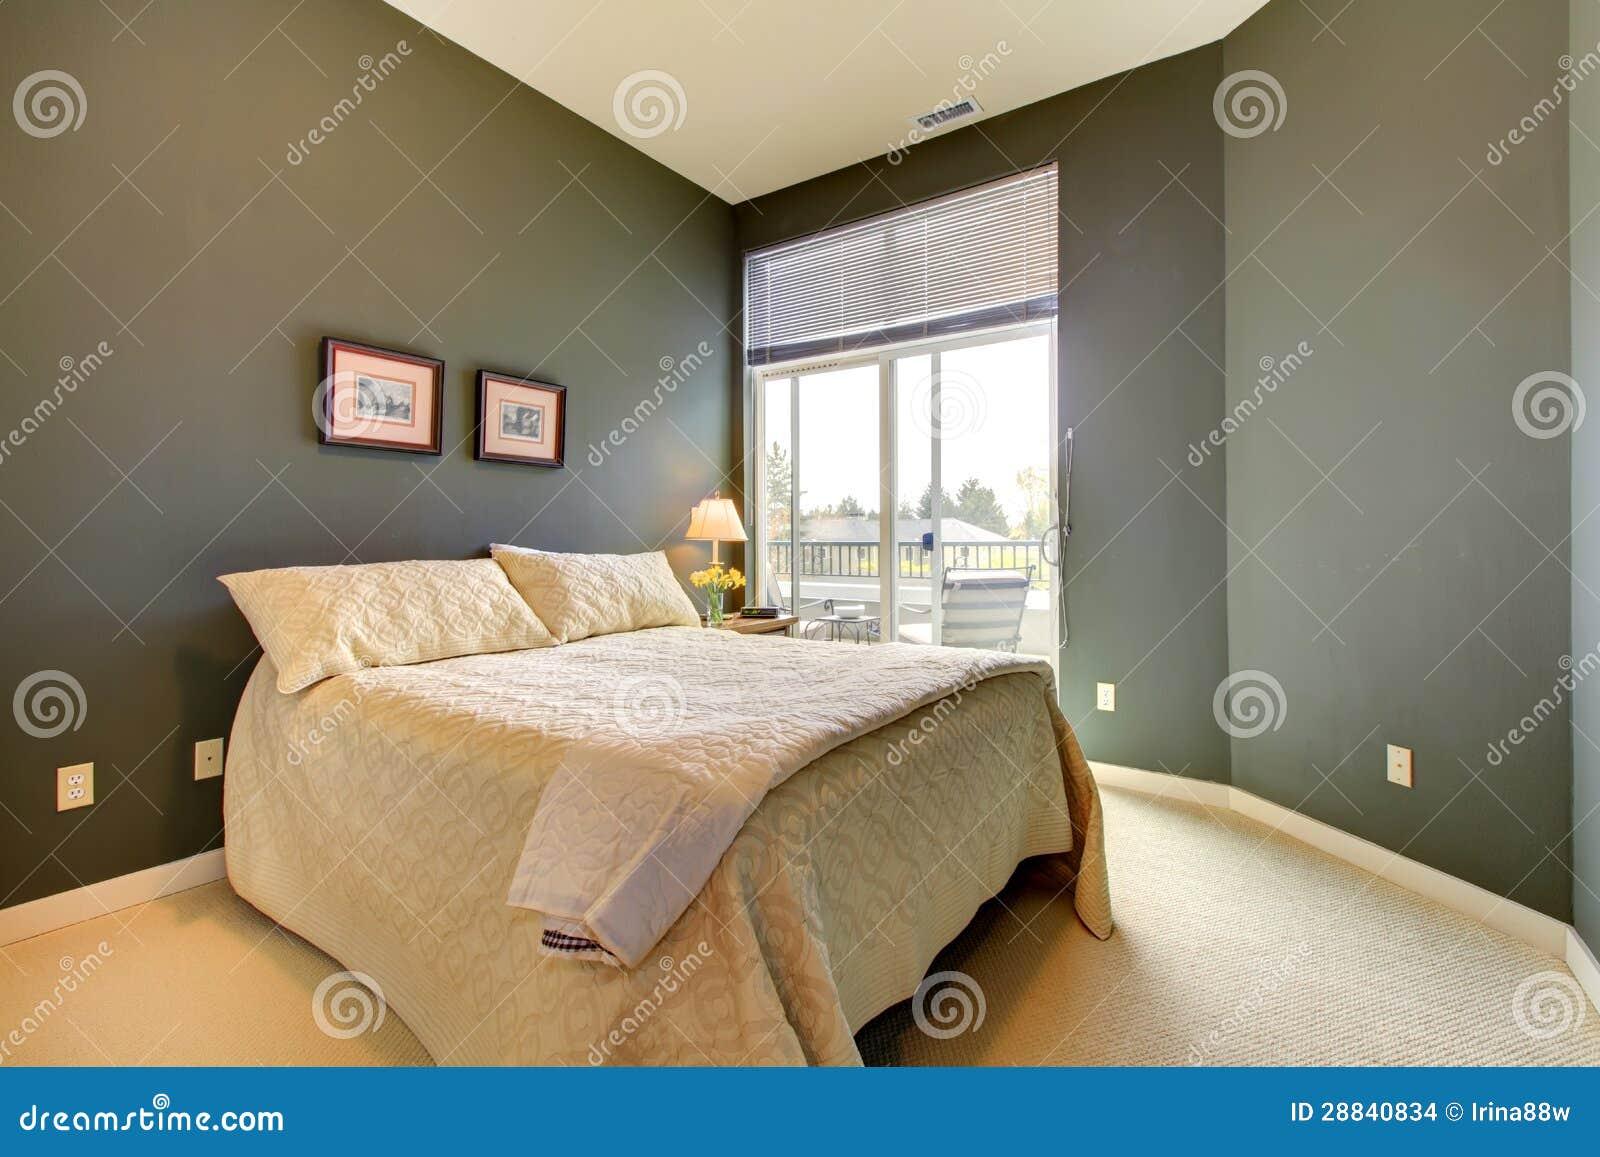 Pareti Camera Da Letto Verdi : Camera da letto con le pareti verdi ...